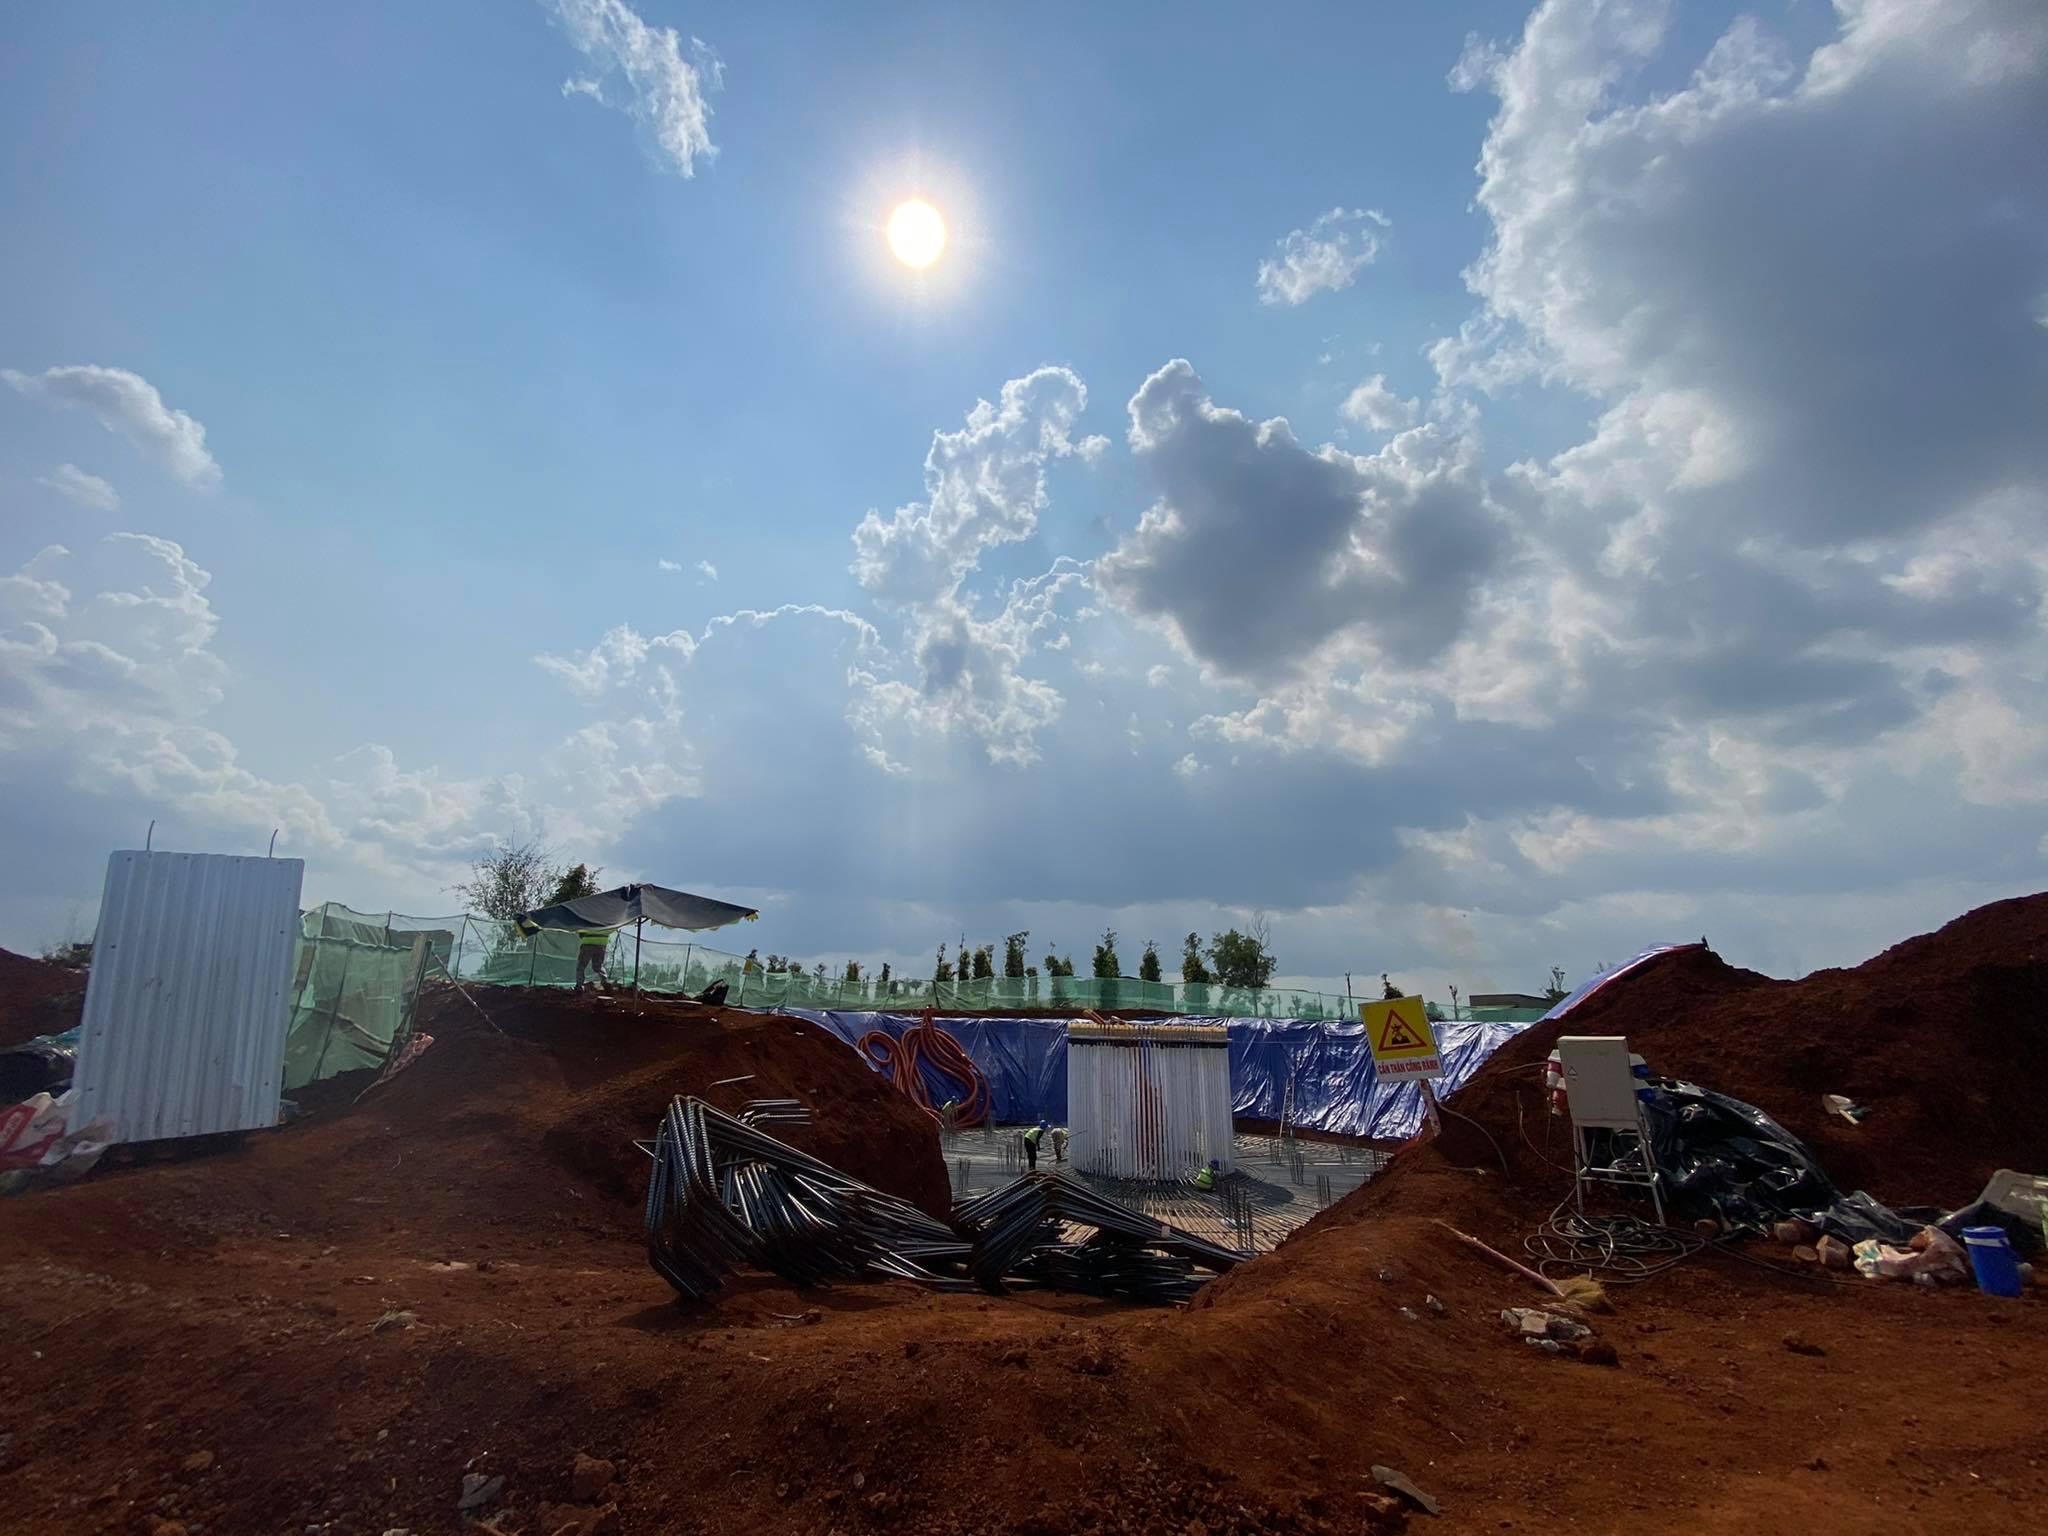 Vì sao hàng trăm lao động Trung Quốc chưa được cấp phép tại các dự án điện gió ở Tây Nguyên? - Ảnh 2.